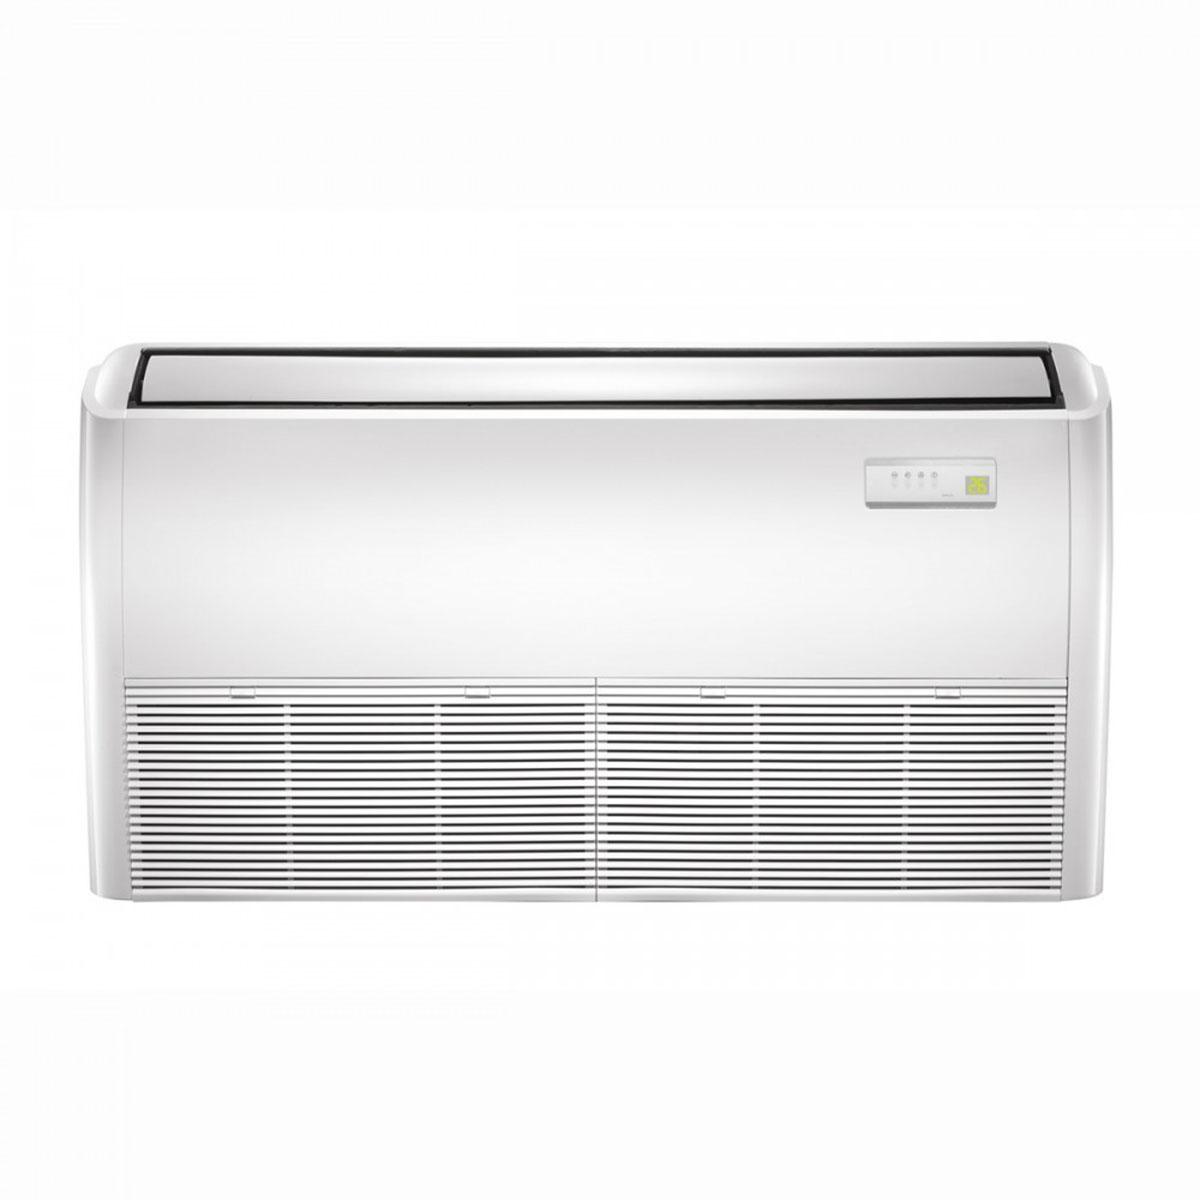 Aparat de aer conditionat Inverter tip podea/tavan Midea MUE-36HRFN1-QRDO- 36000 btu 2